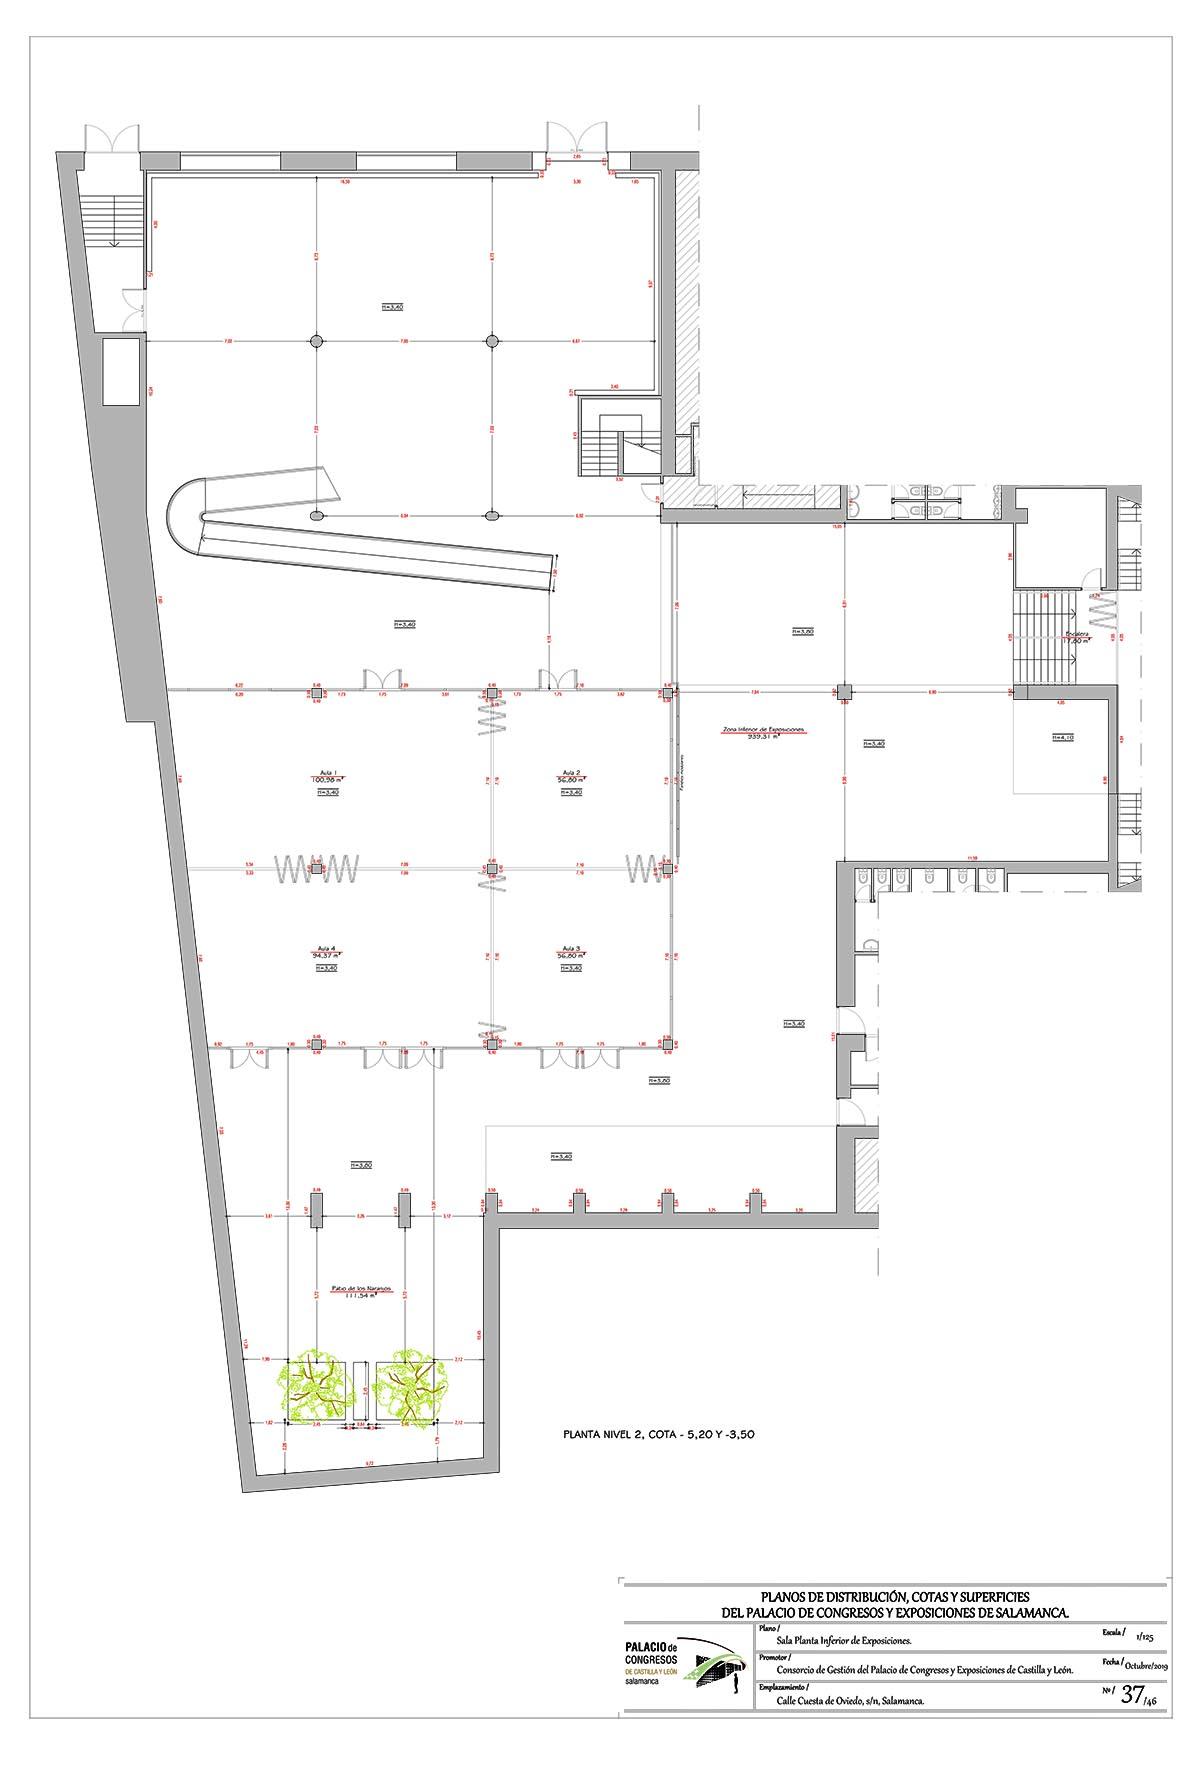 Plano Área de exposiciones Palacio de Congresos de Salamanca